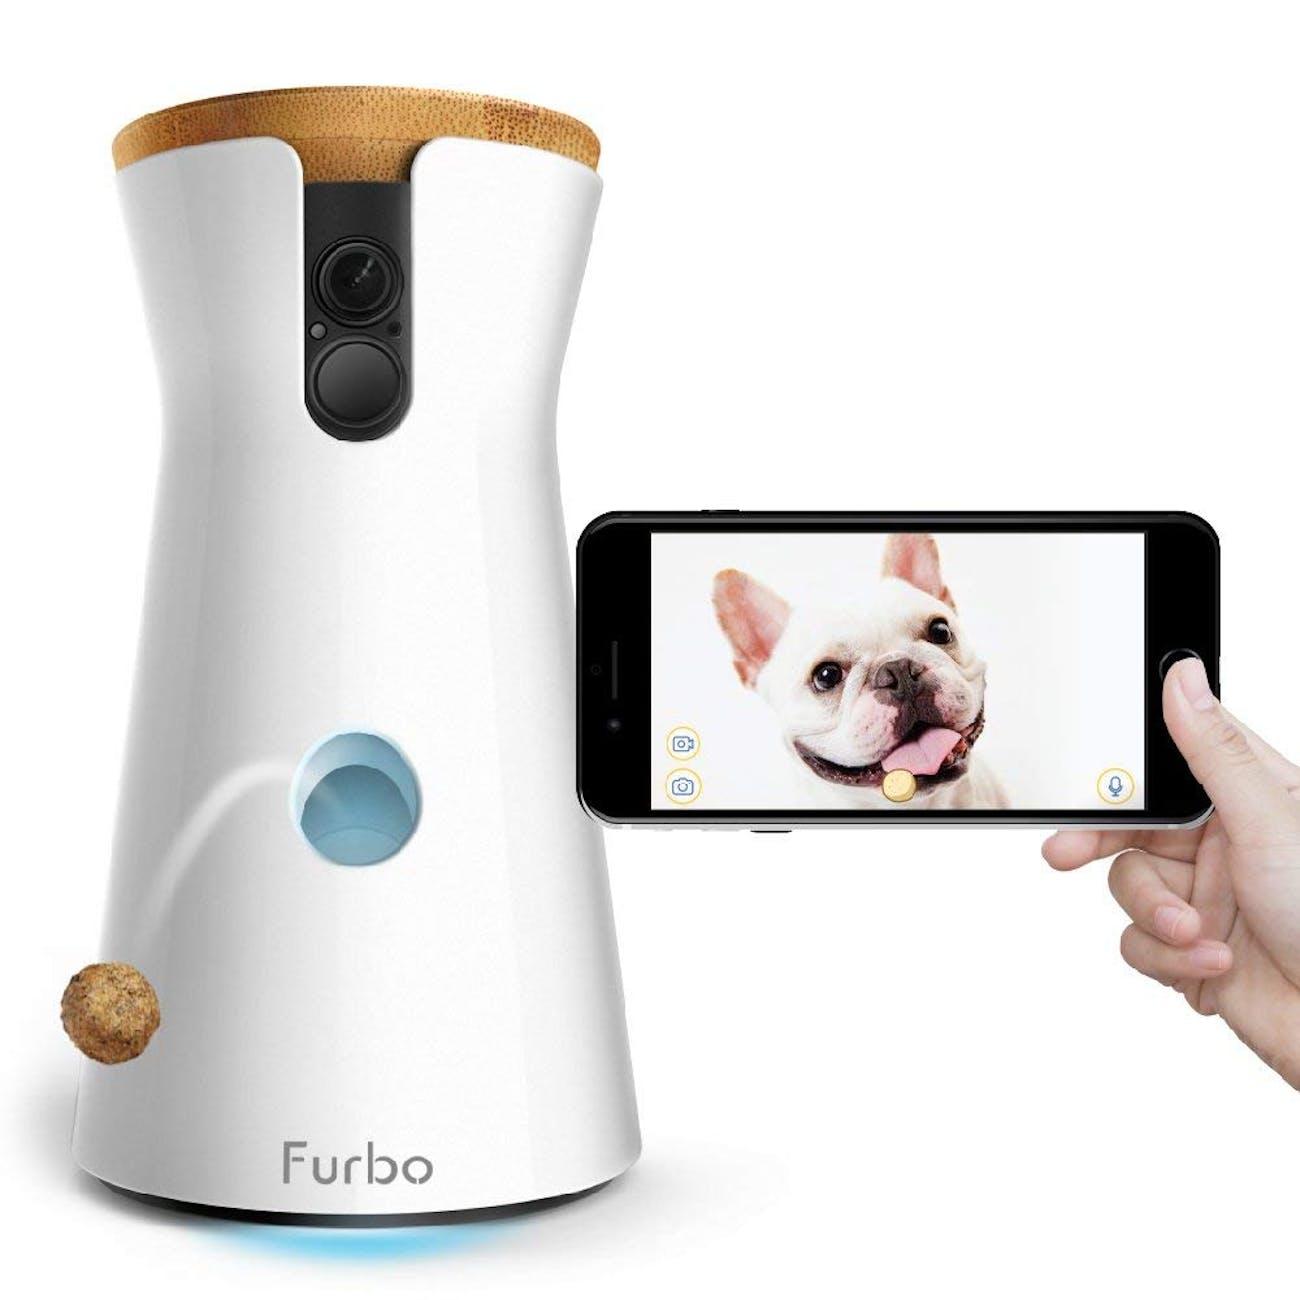 smart home pet, dog camera, dog smart home